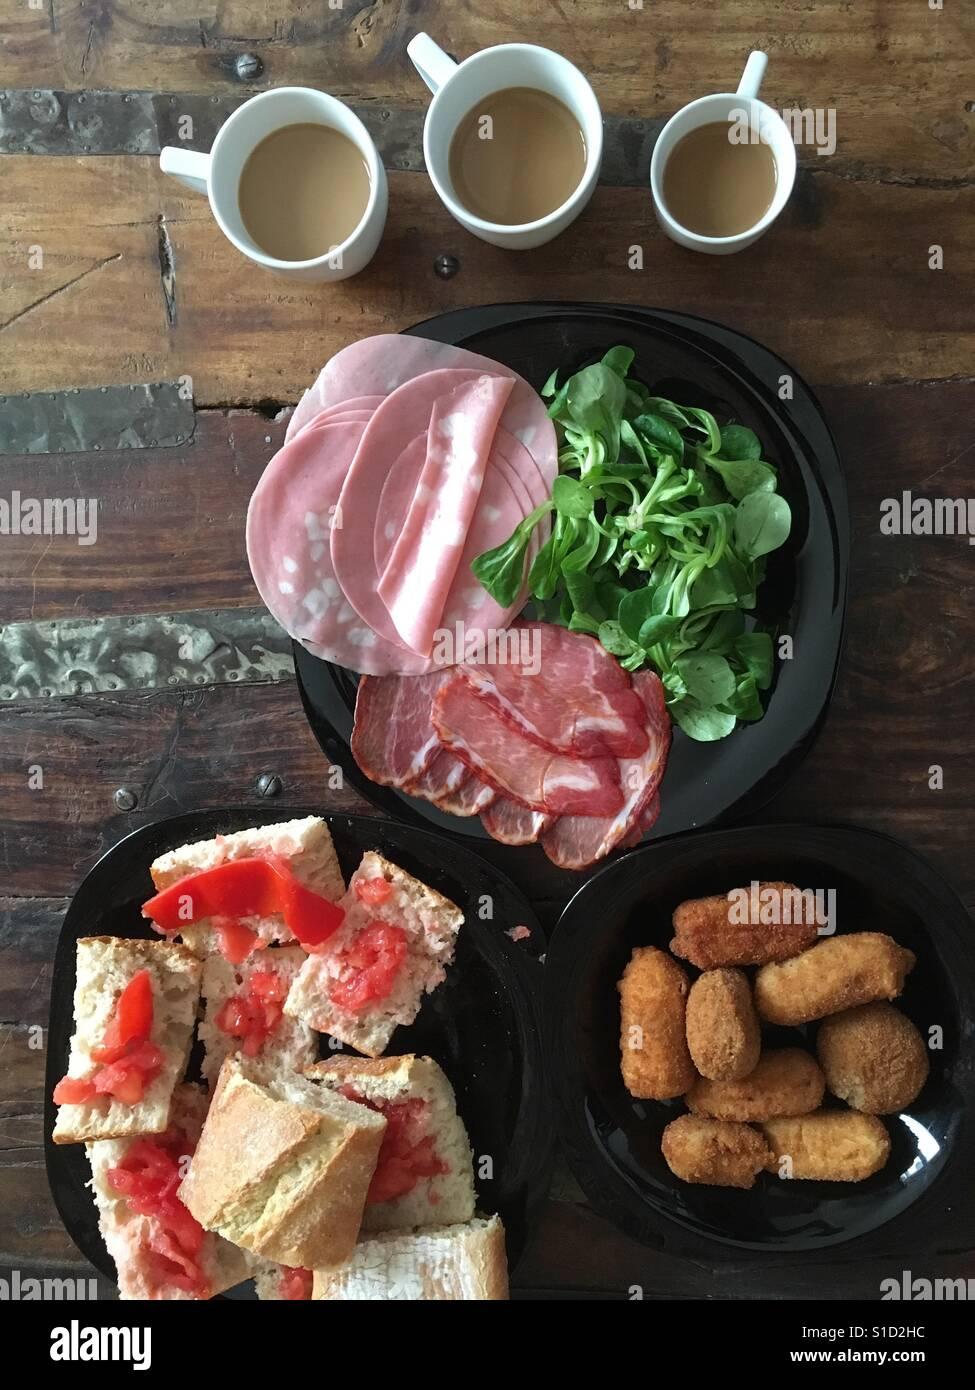 Spanisches Frühstück und mocca Stockfoto